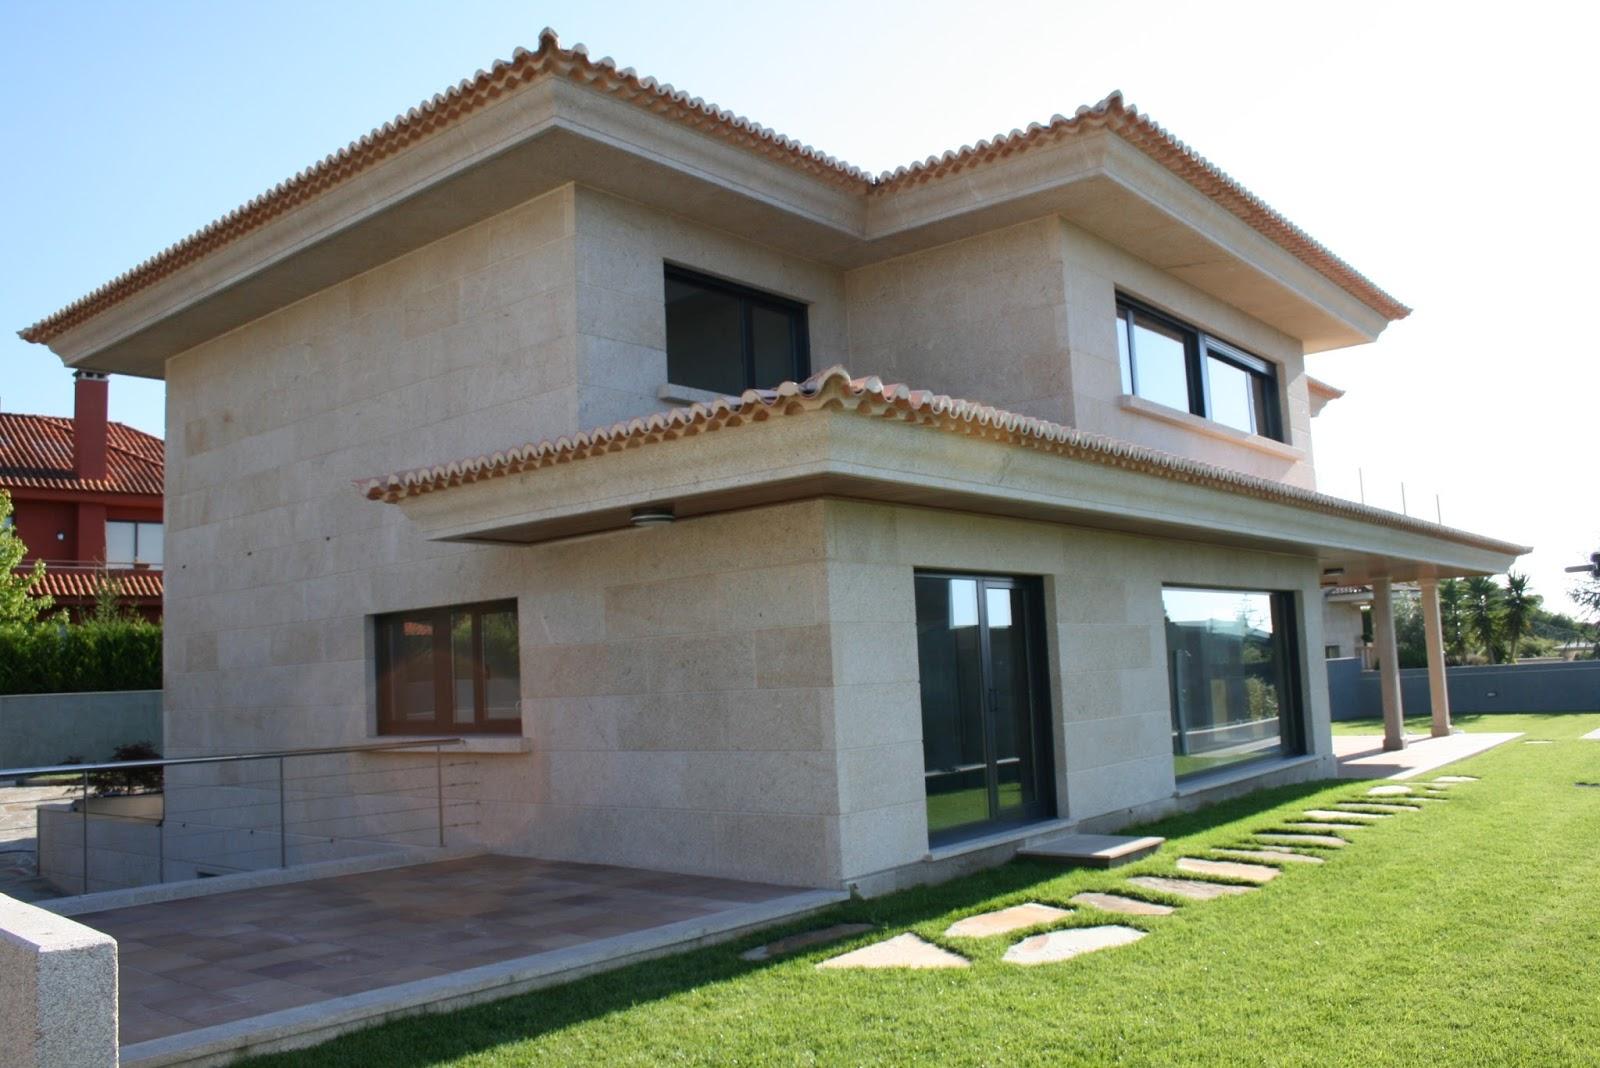 Casas de piedra en galicia best casa de campo en venta en - Casas de piedra galicia ...